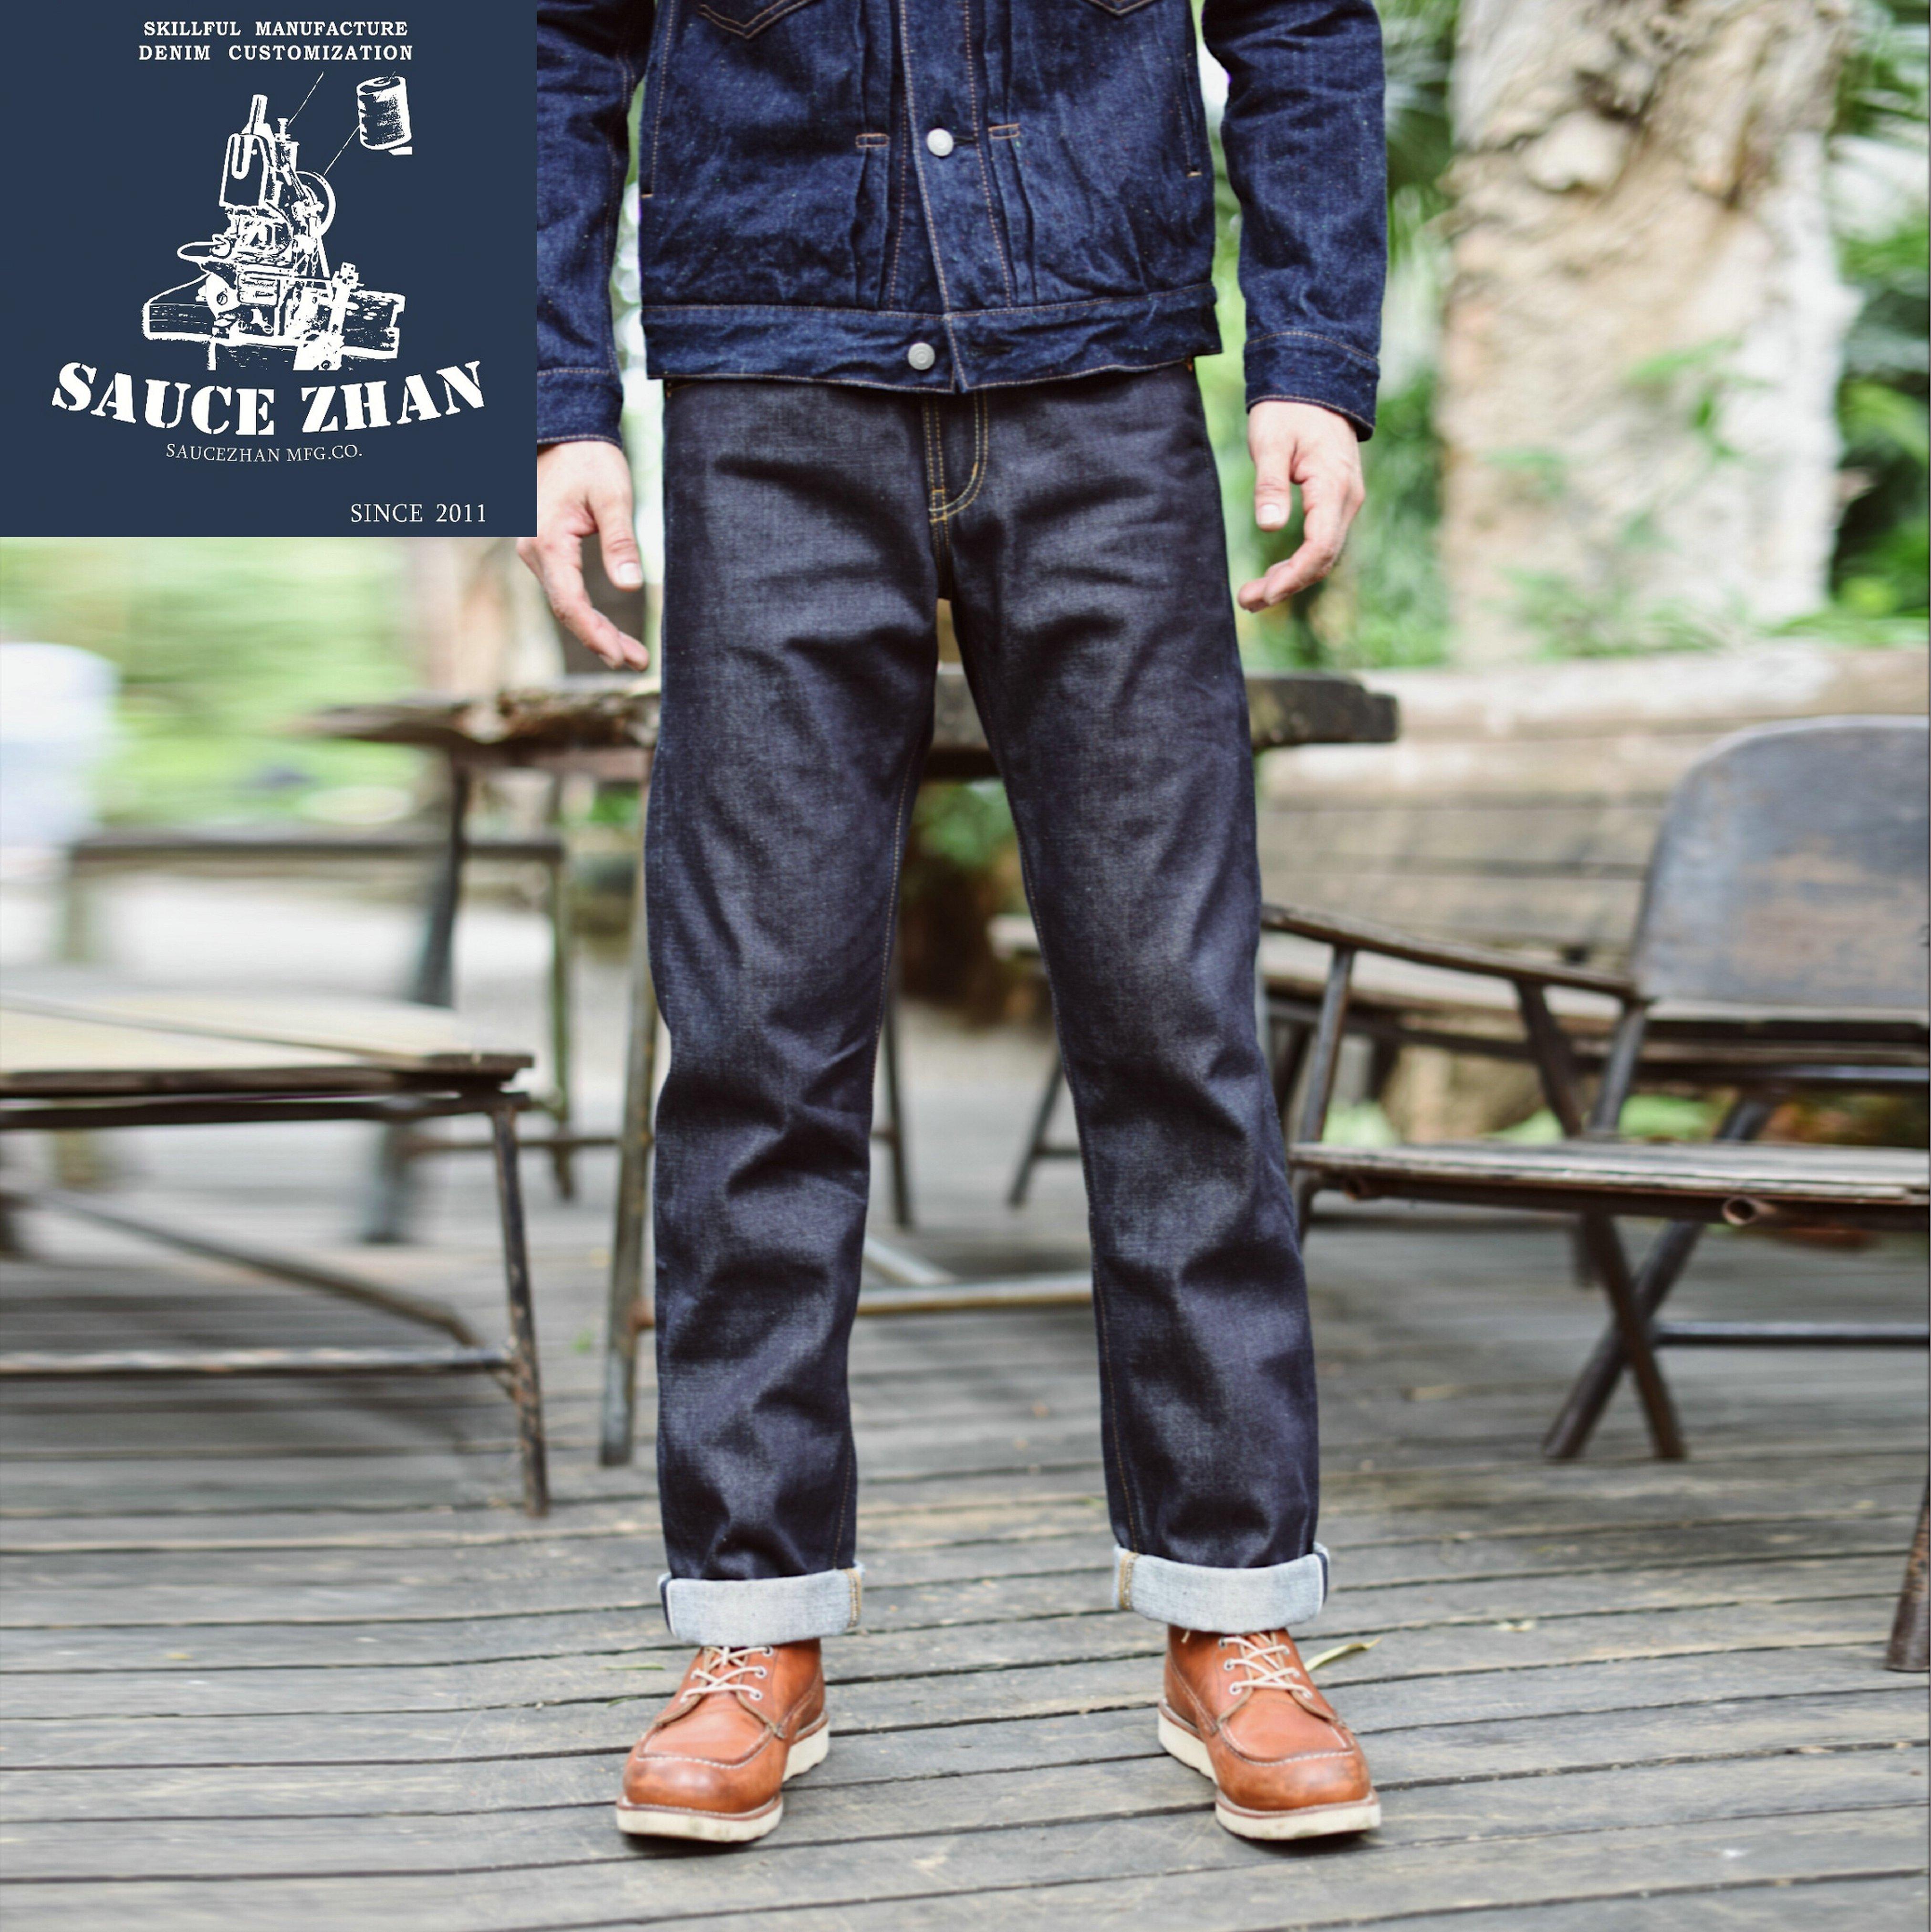 Sauzezhan 316XX повседневные джинсы с краями сырые джинсовые джинсы немытые хлопковые джинсы Индиго прямые мужские джинсы